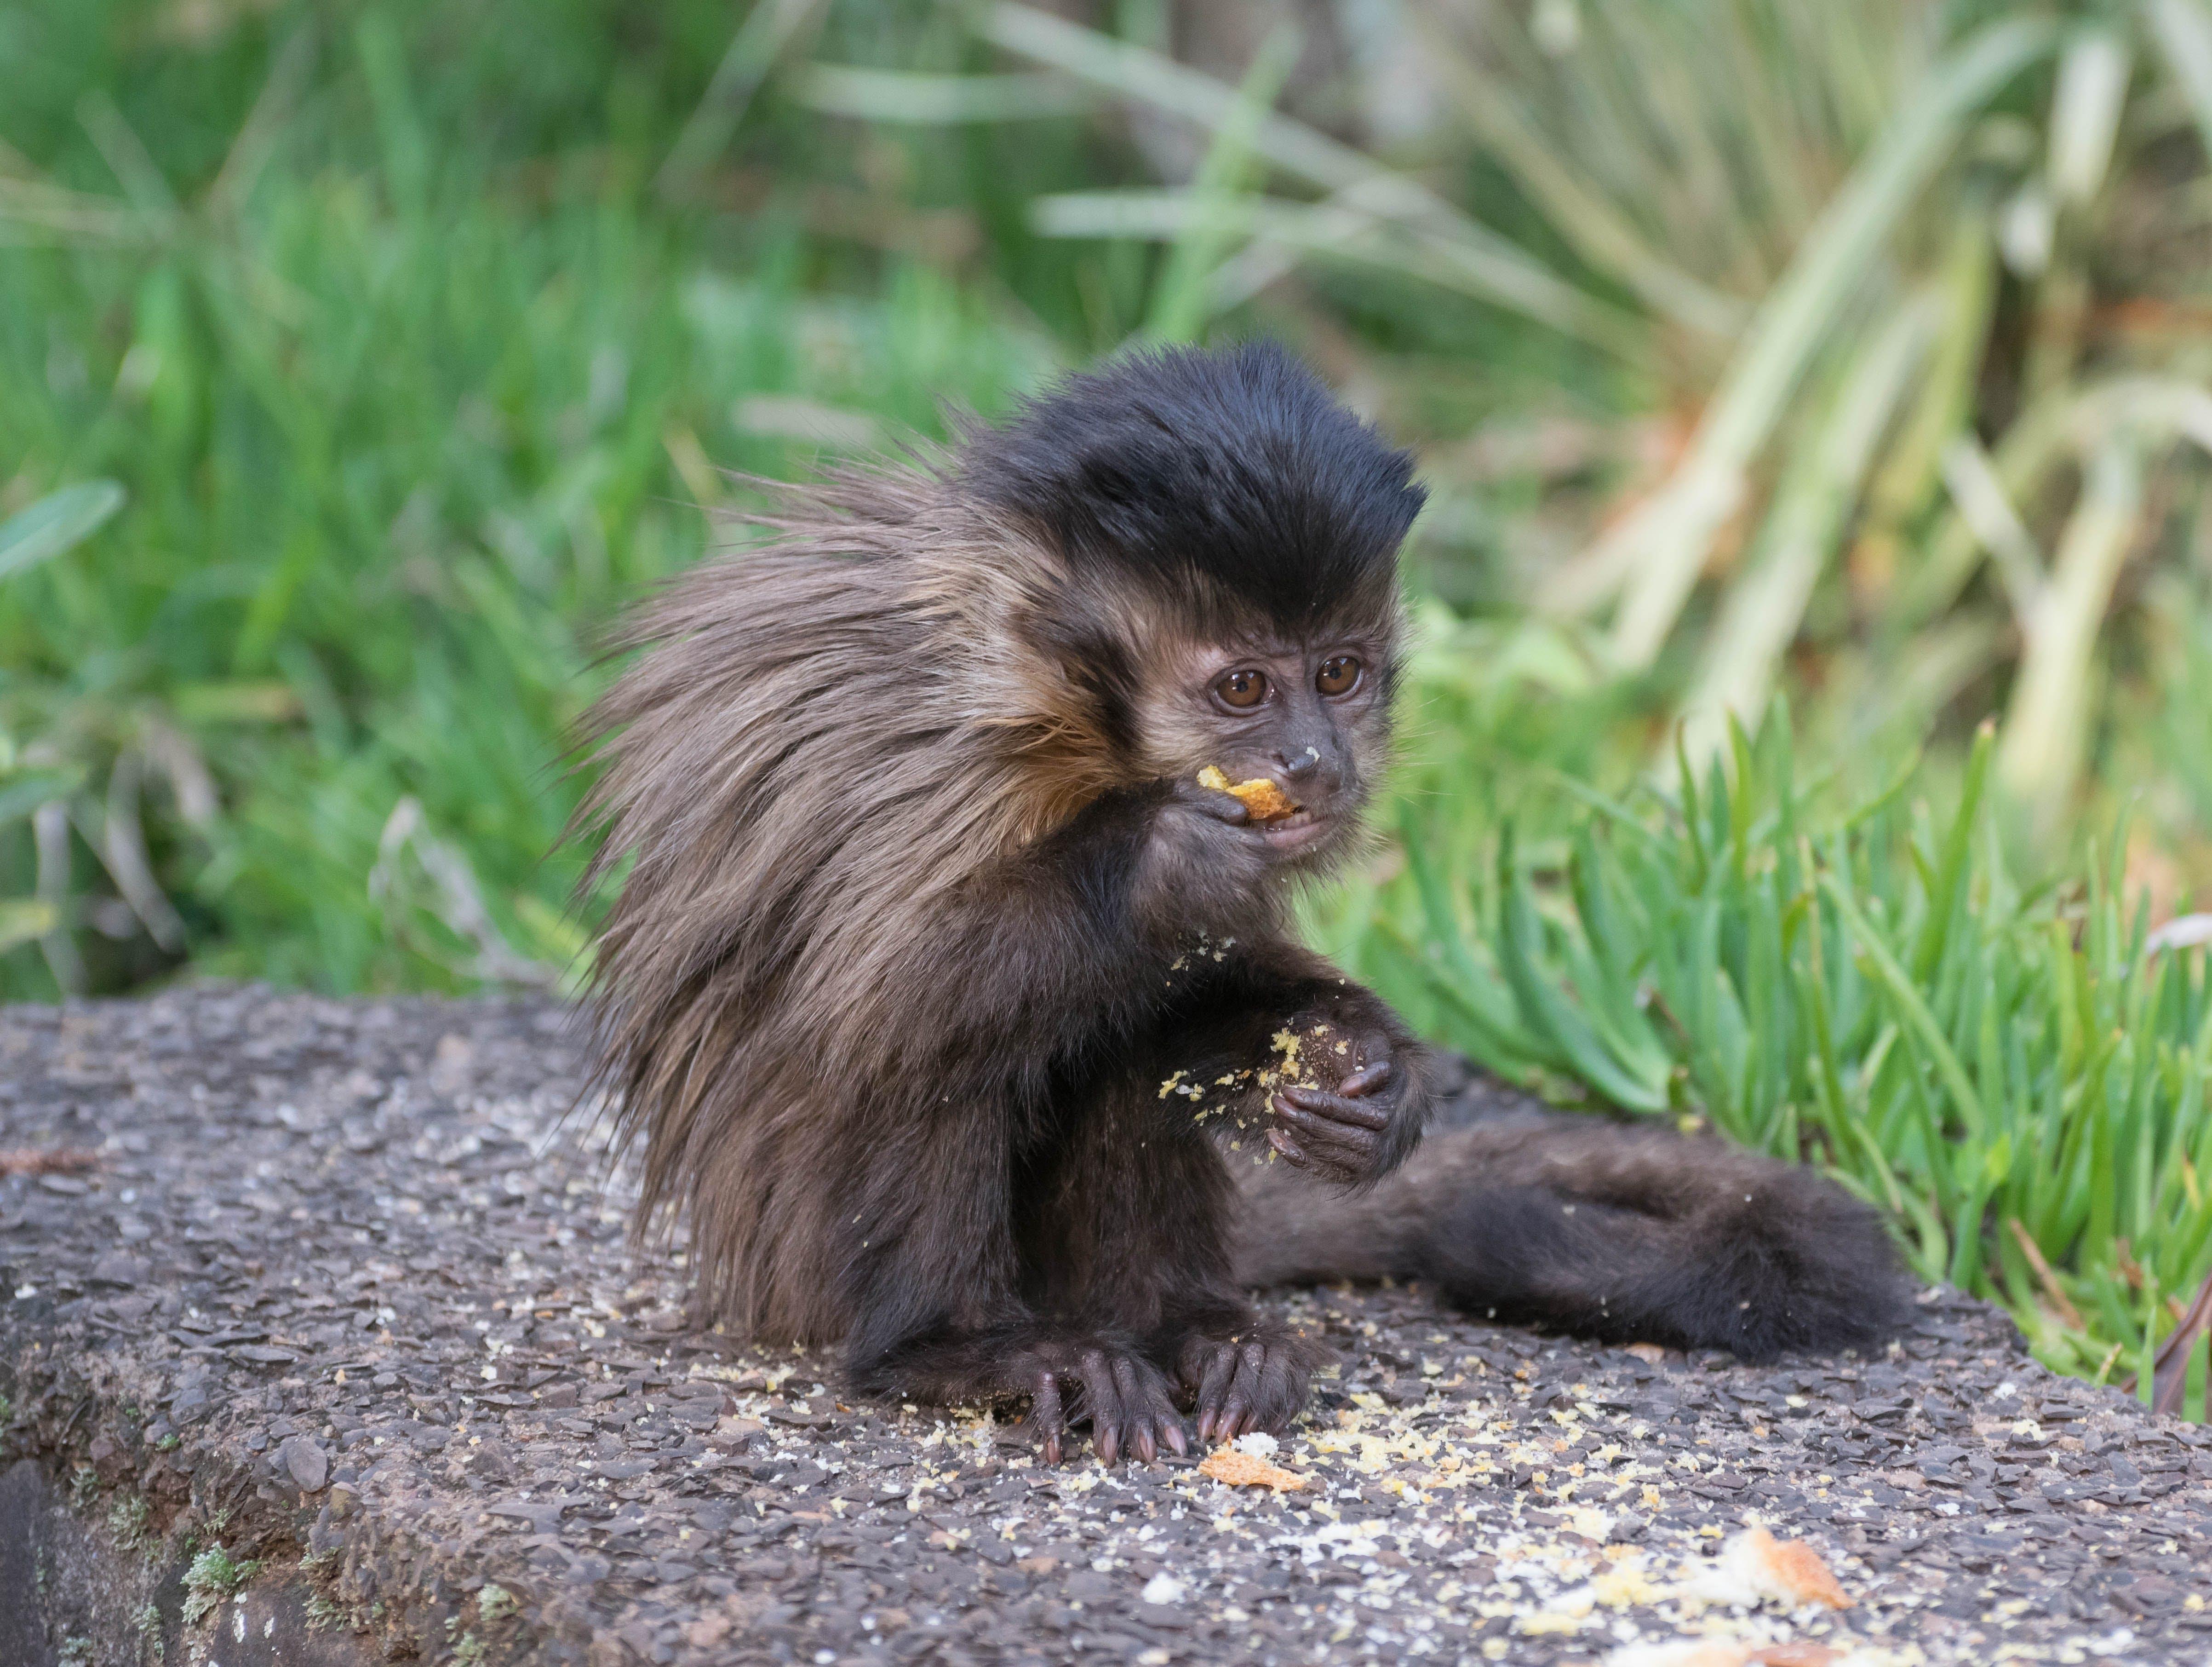 Free stock photo of baby monkey, eating, monkey, wild animal